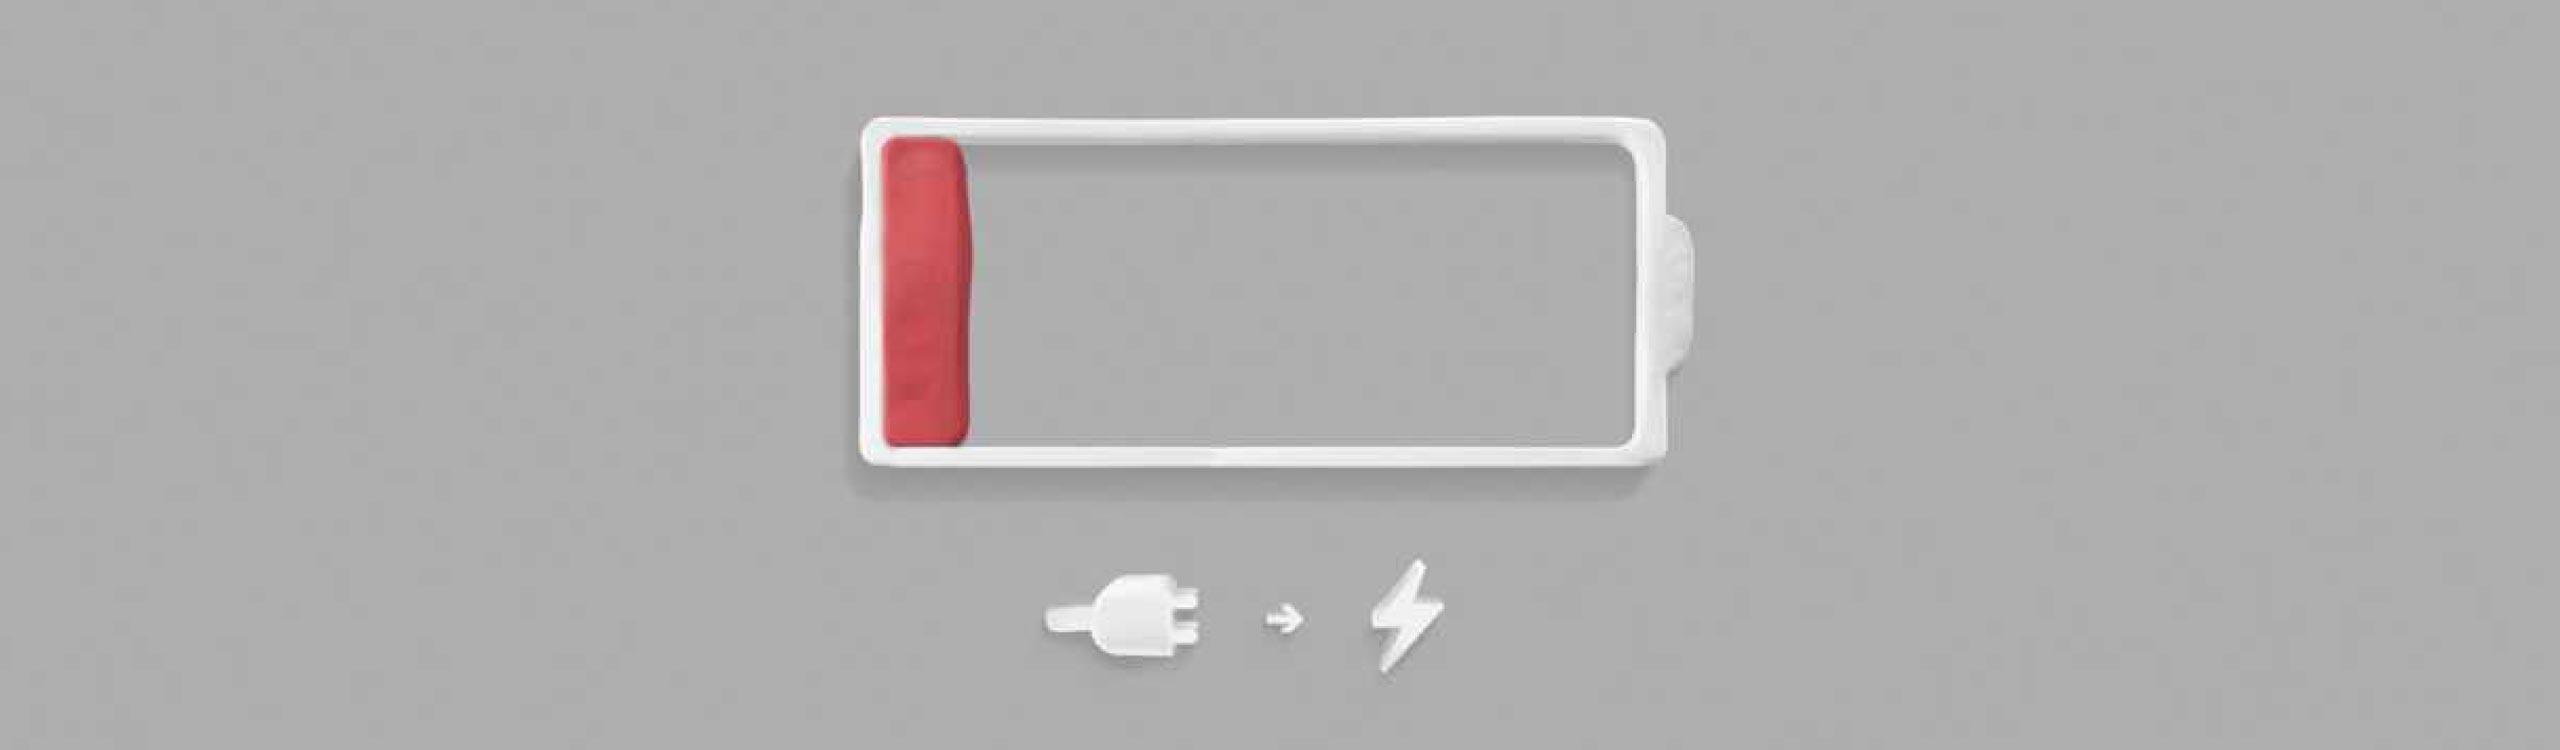 play-doh-internet-mis-gafas-de-pasta-destacado